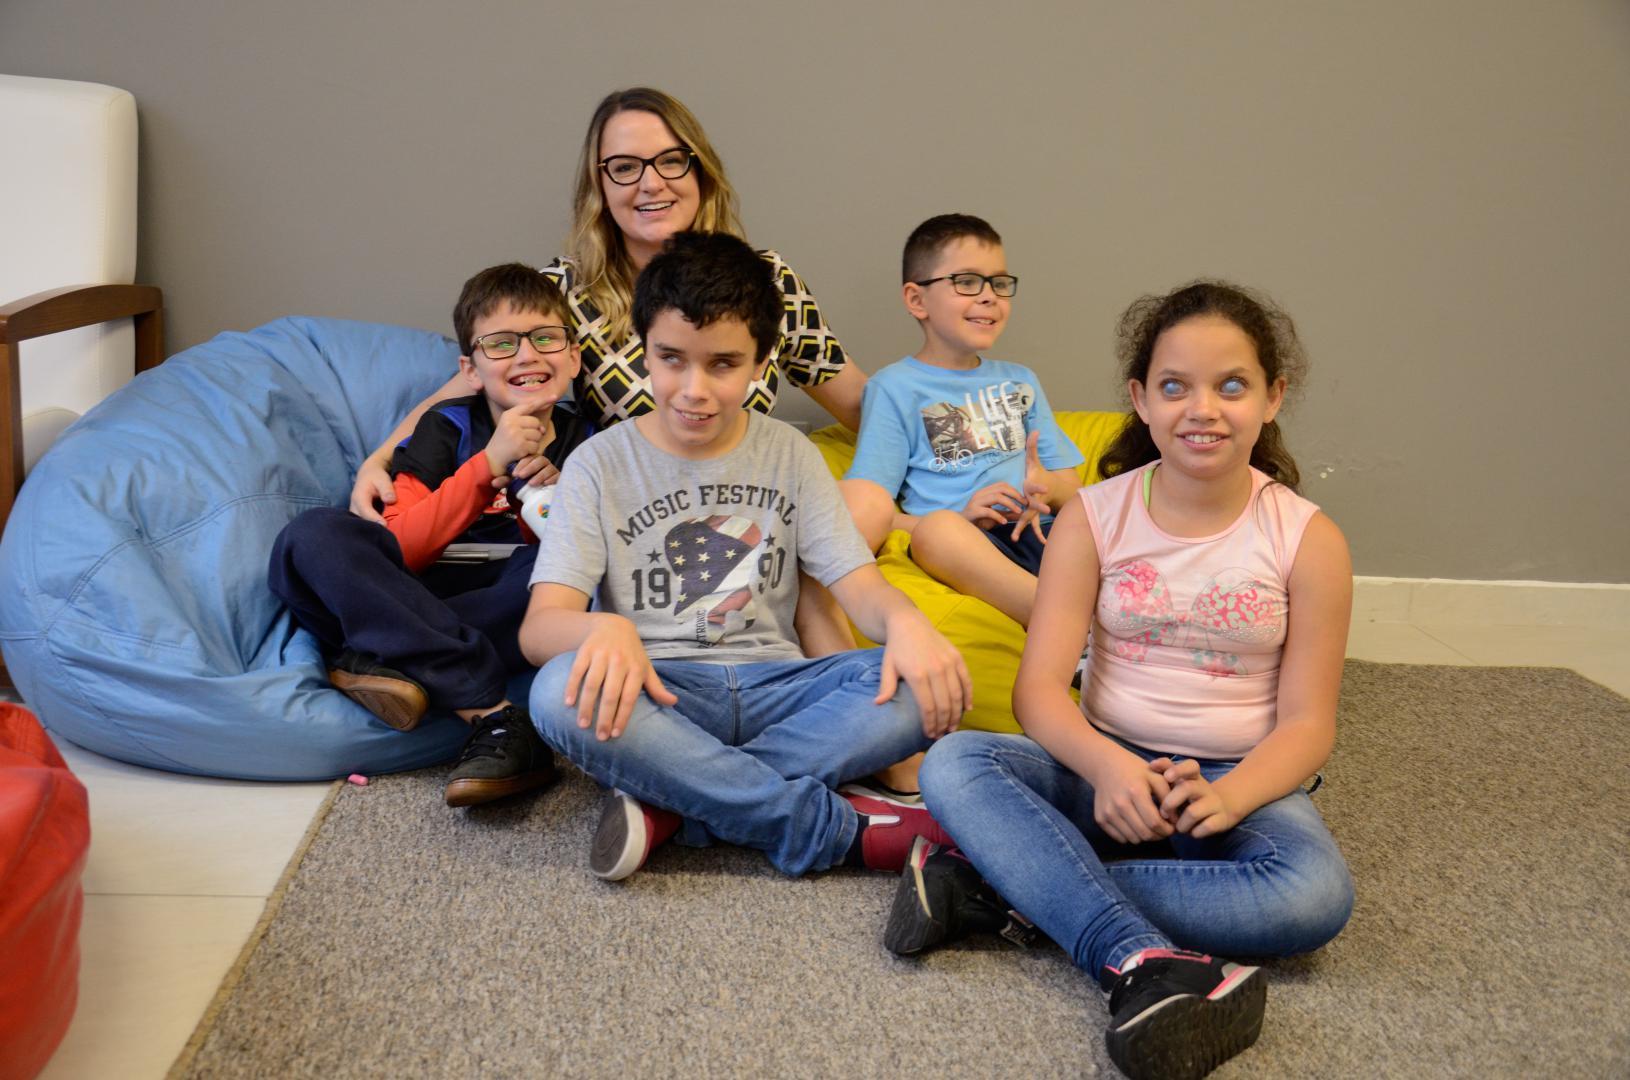 a imagem mostra a coordenadora do projeto, Diele Pedrozo Santo, com três alunos e uma aluna, todos crianças, sentados no chão sobre um tapete cinza, alguns num puf azul e outro num puf amarelo. Ela abraça dois alunos que estão ao lado dela. Todos sorriem.